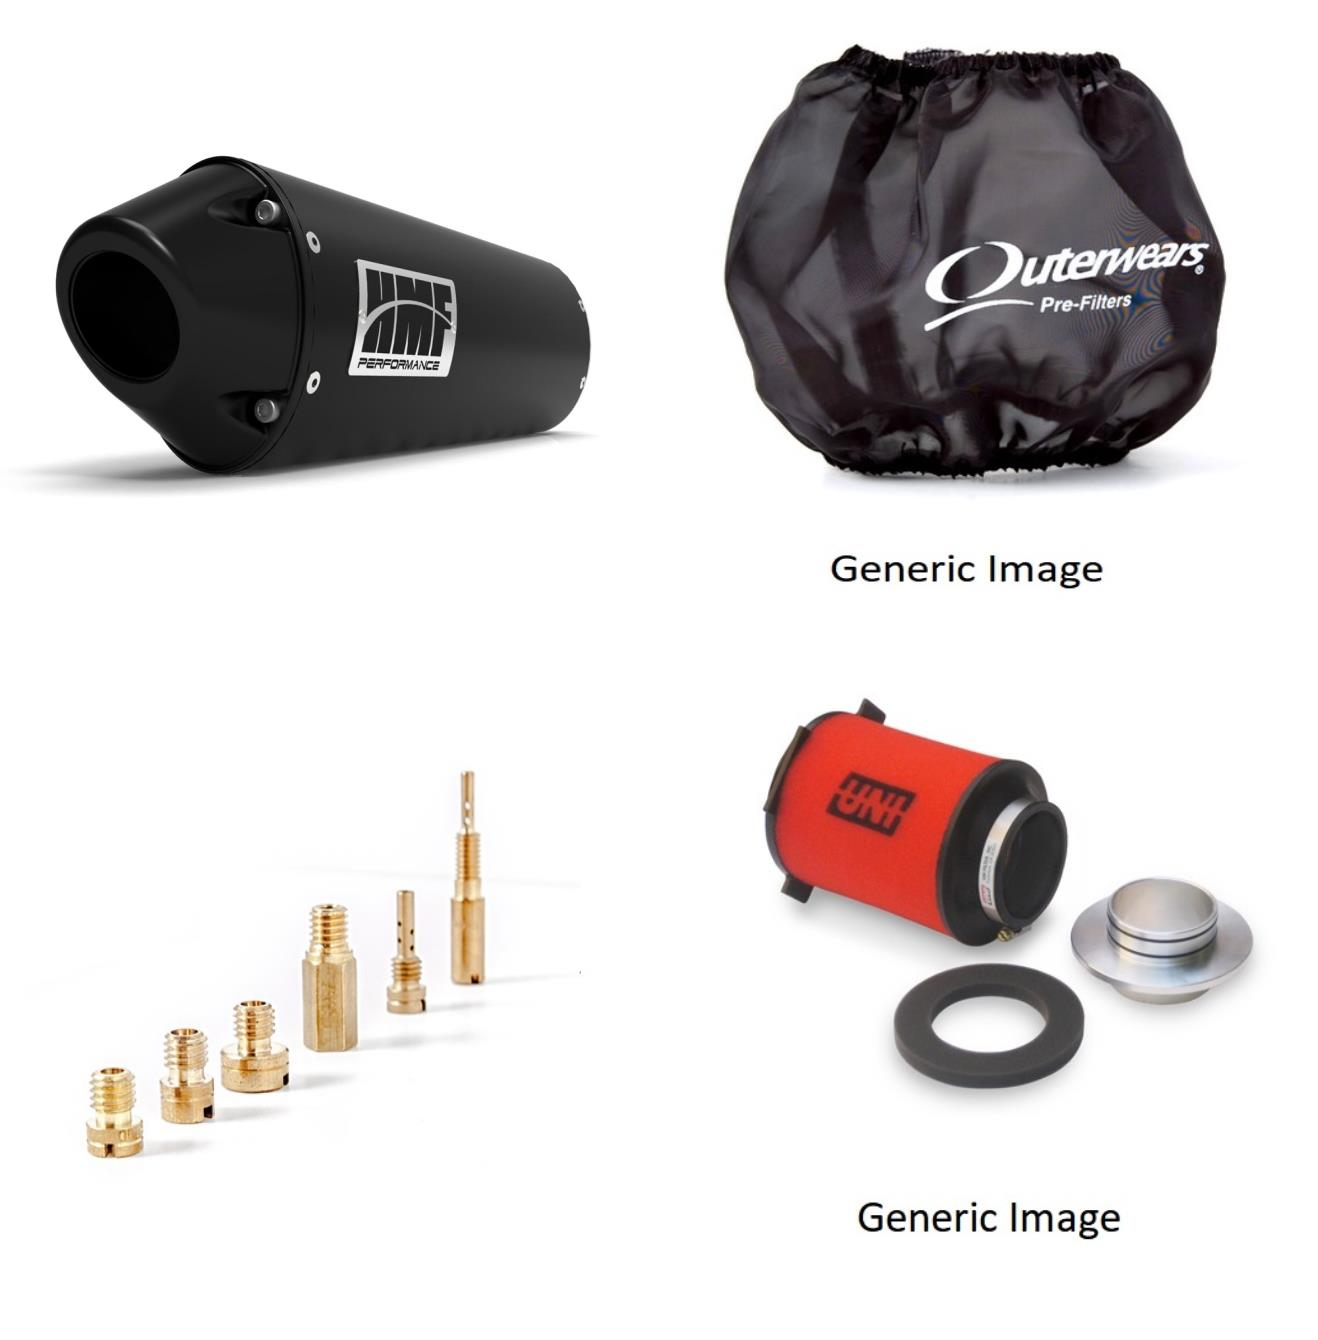 Basic Jet Kit, Pre Filter, Foam Air Filter & Black Performance-Series Slip On Exhaust Euro-Black for Yamaha YFZ 450 2004-2009